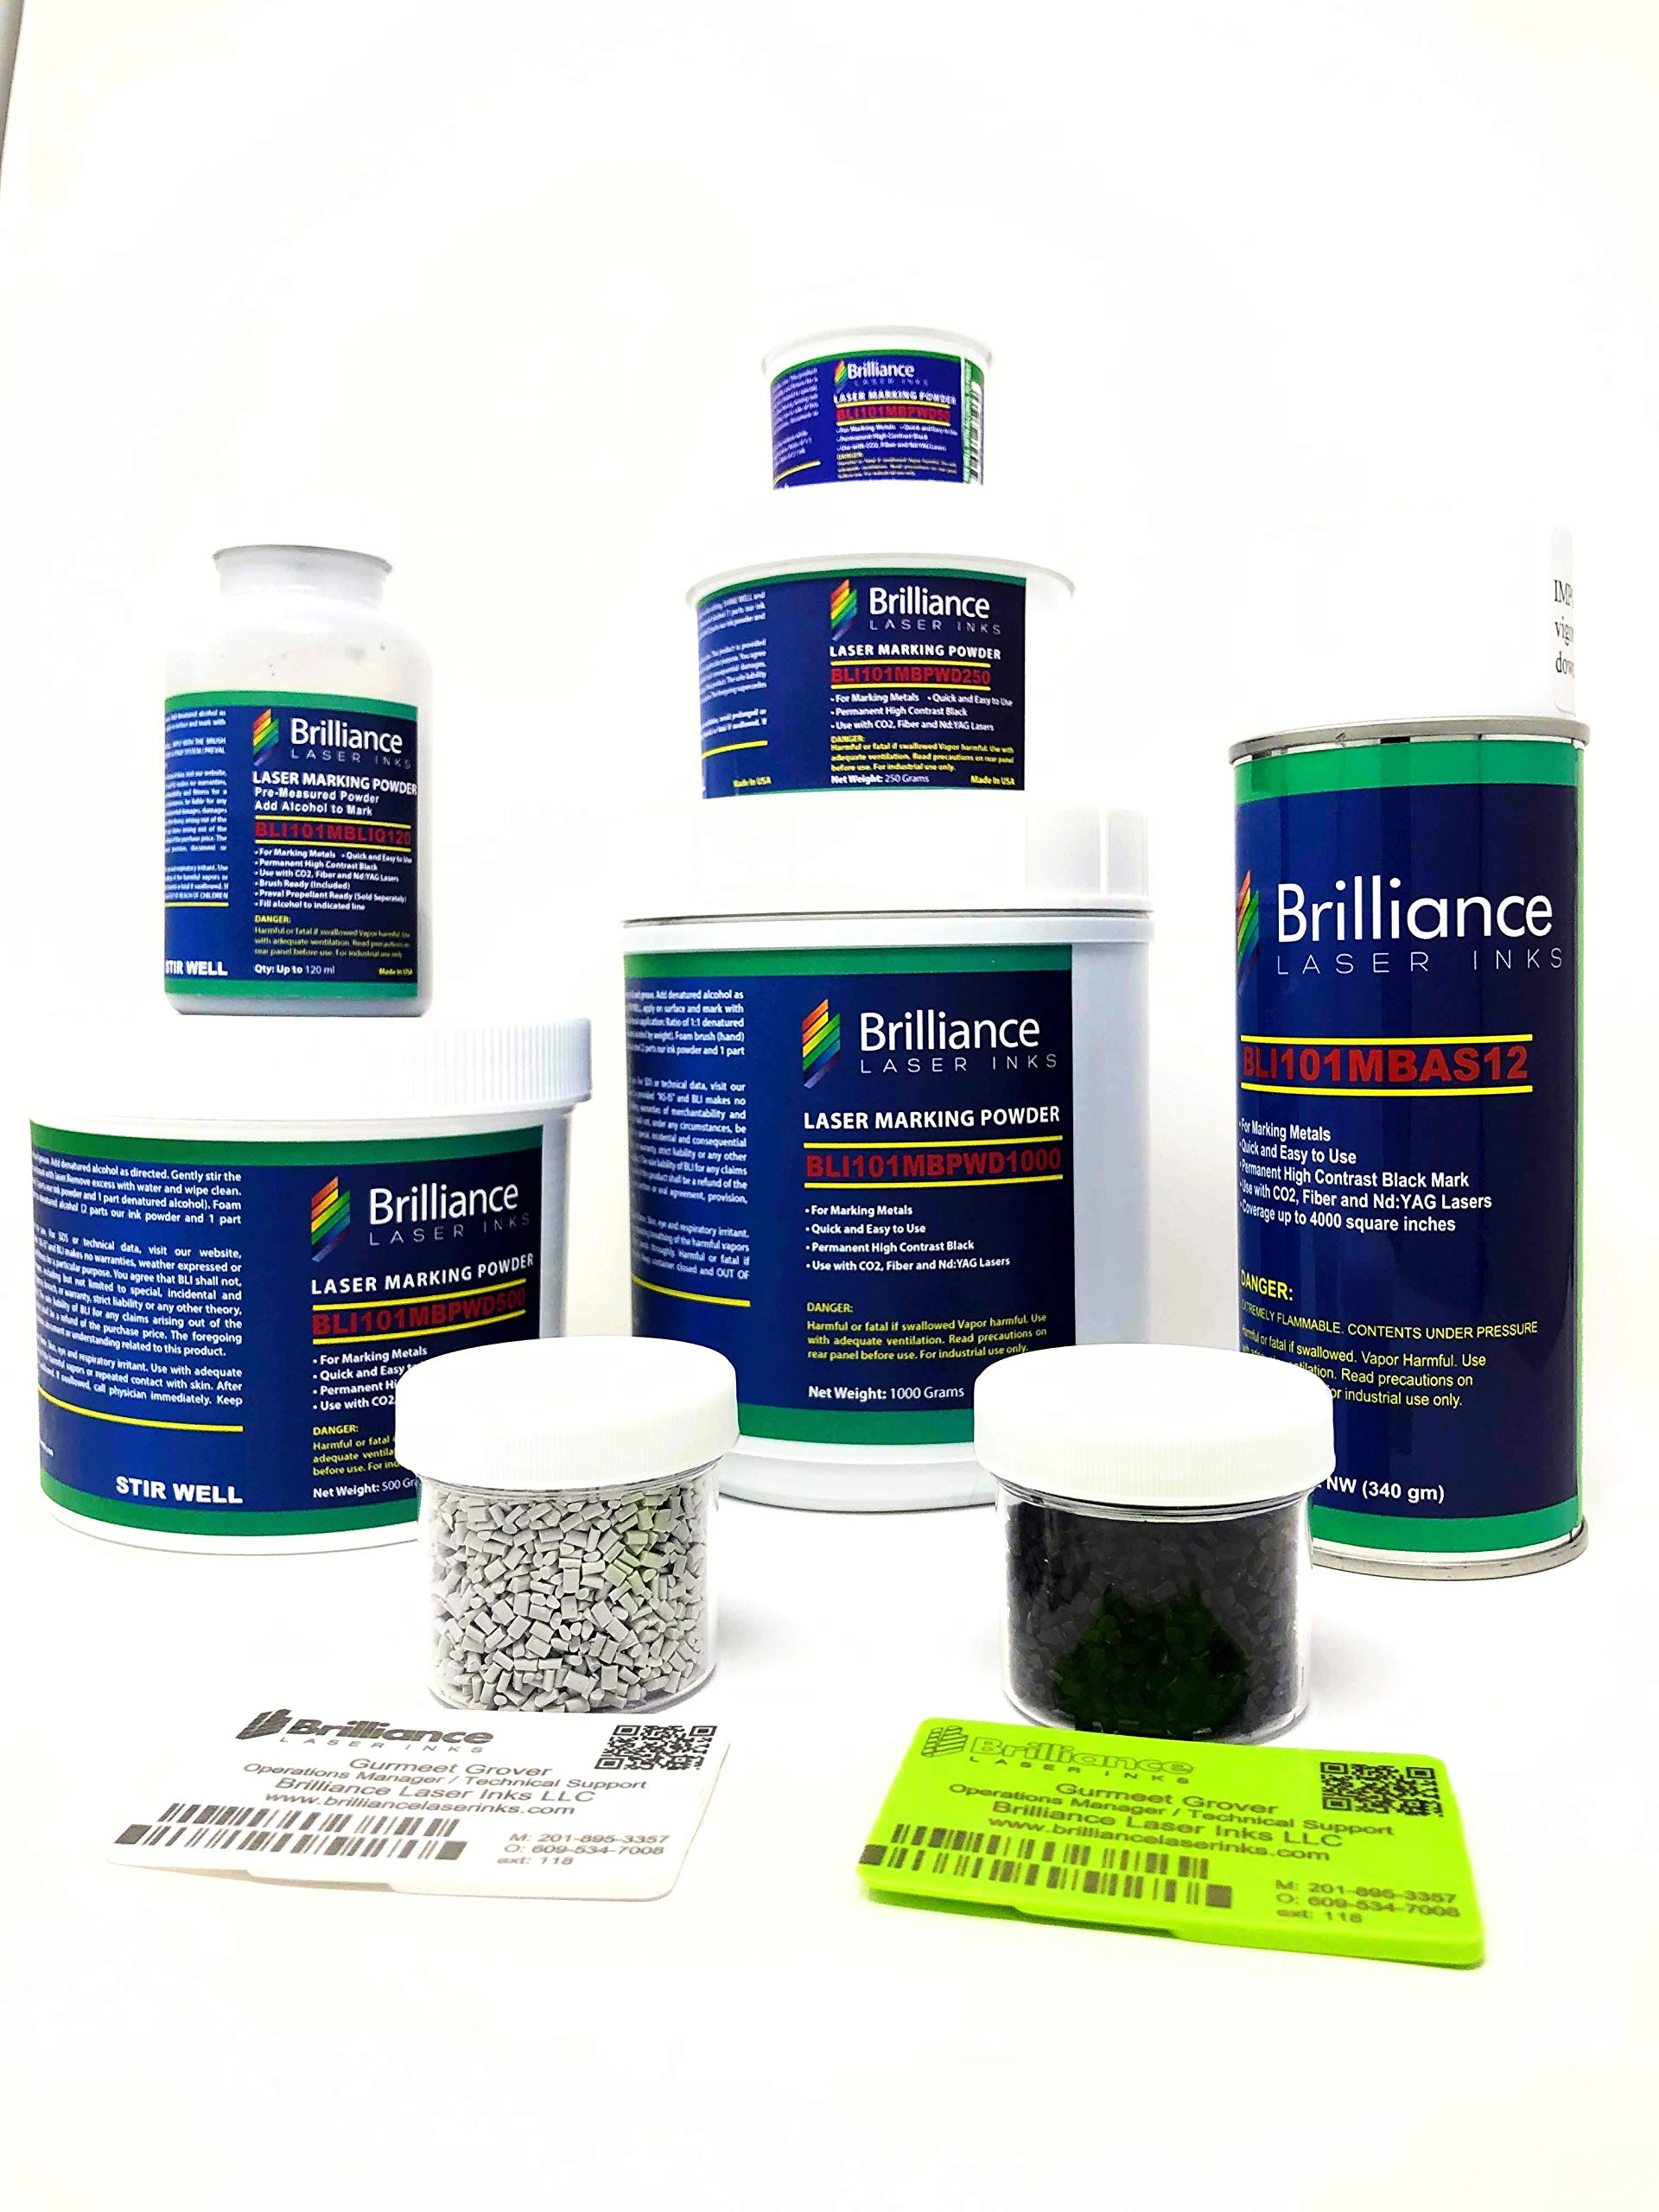 Laser Marking Powder-''Brilliance Laser Inks'' -BLI101MBPWD50 Grams- Black Laser Ink Powder for Metals Marking with CO2/Fiber/YAG (50 Grams) by Brilliance Laser Inks (Image #6)